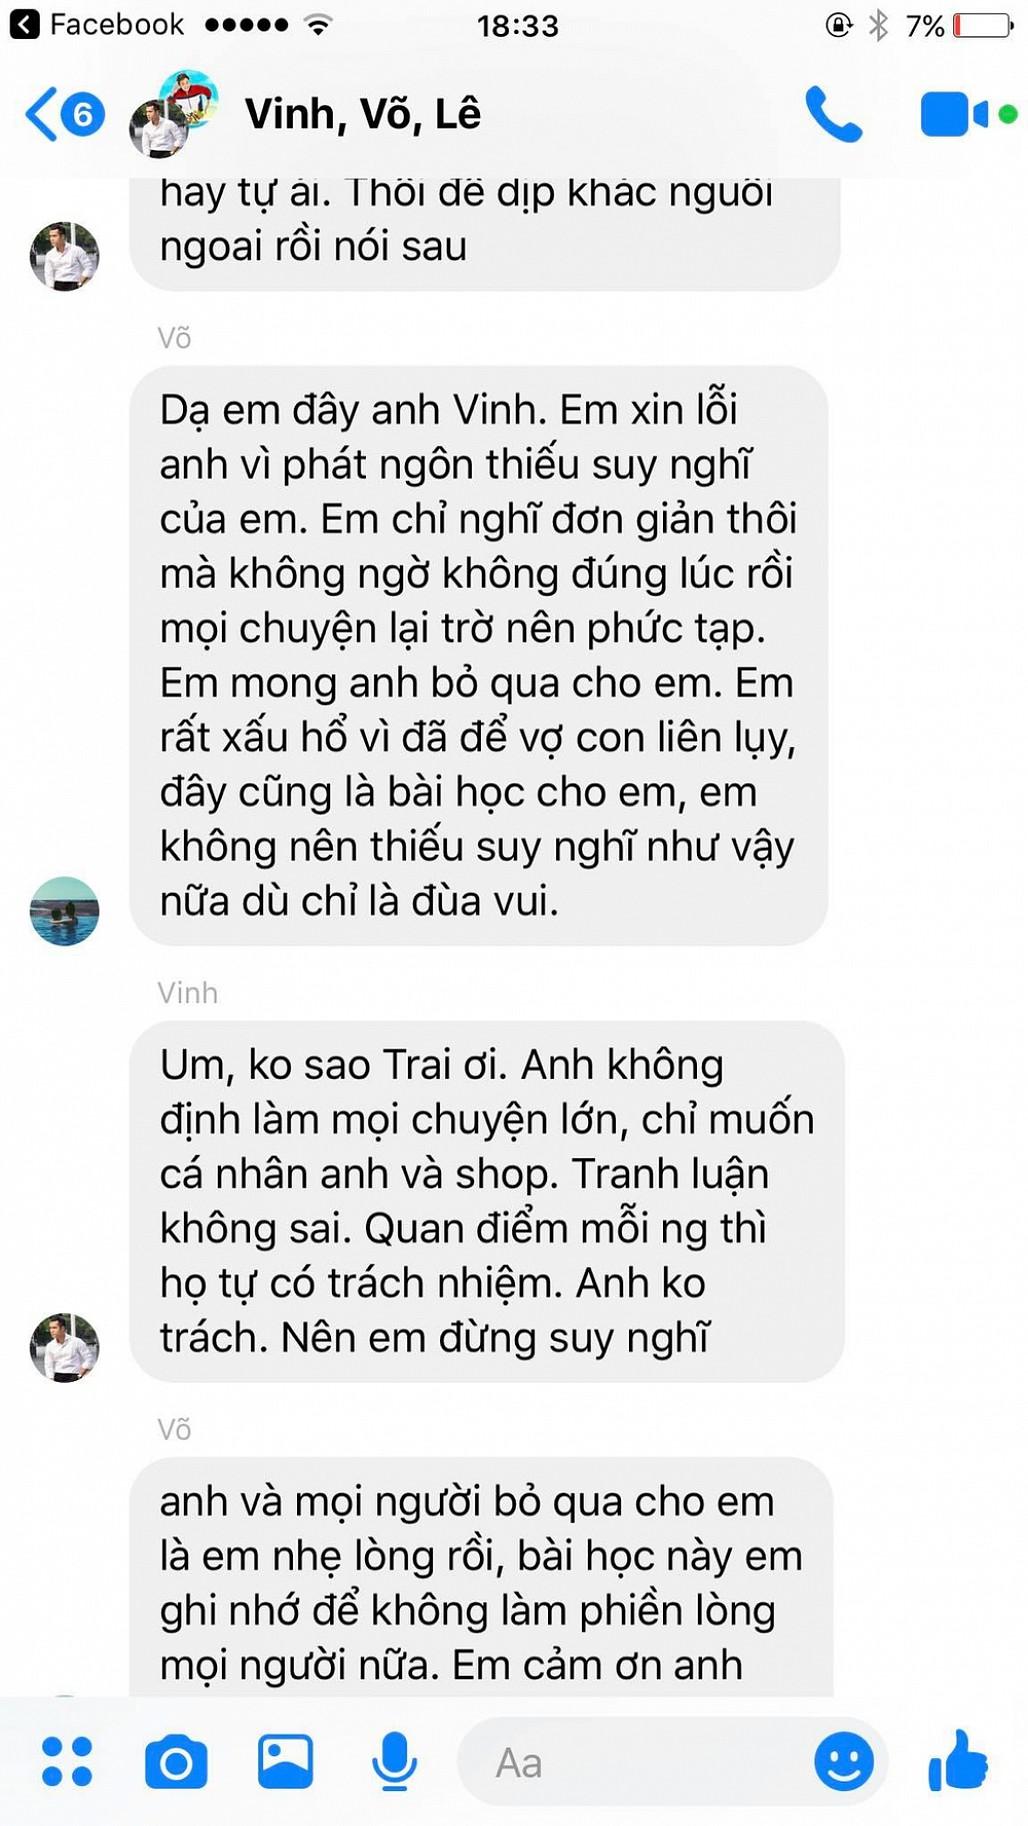 Vợ chồng Ngọc Trai xin lỗi Trương Thế Vinh vì đùa không đúng lúc - Ảnh 5